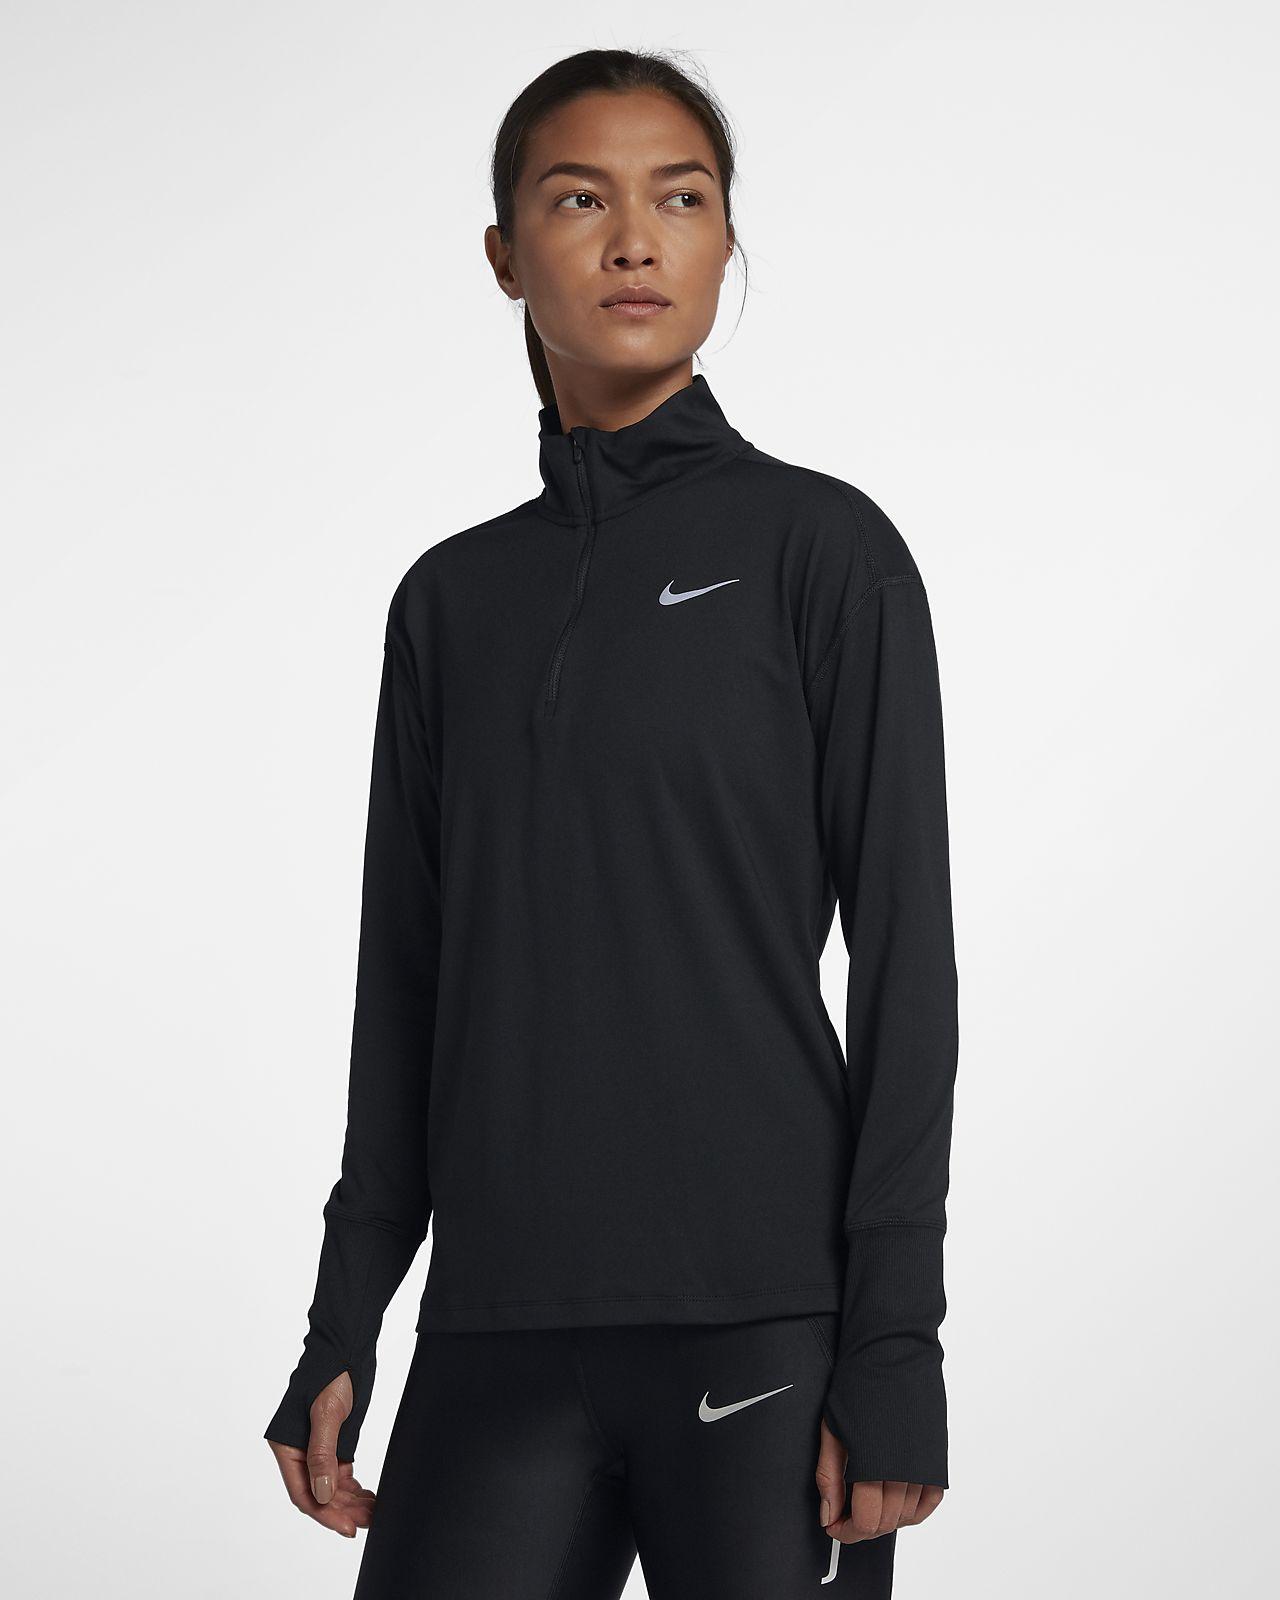 Nike-løbeoverdel med halv lynlås til kvinder